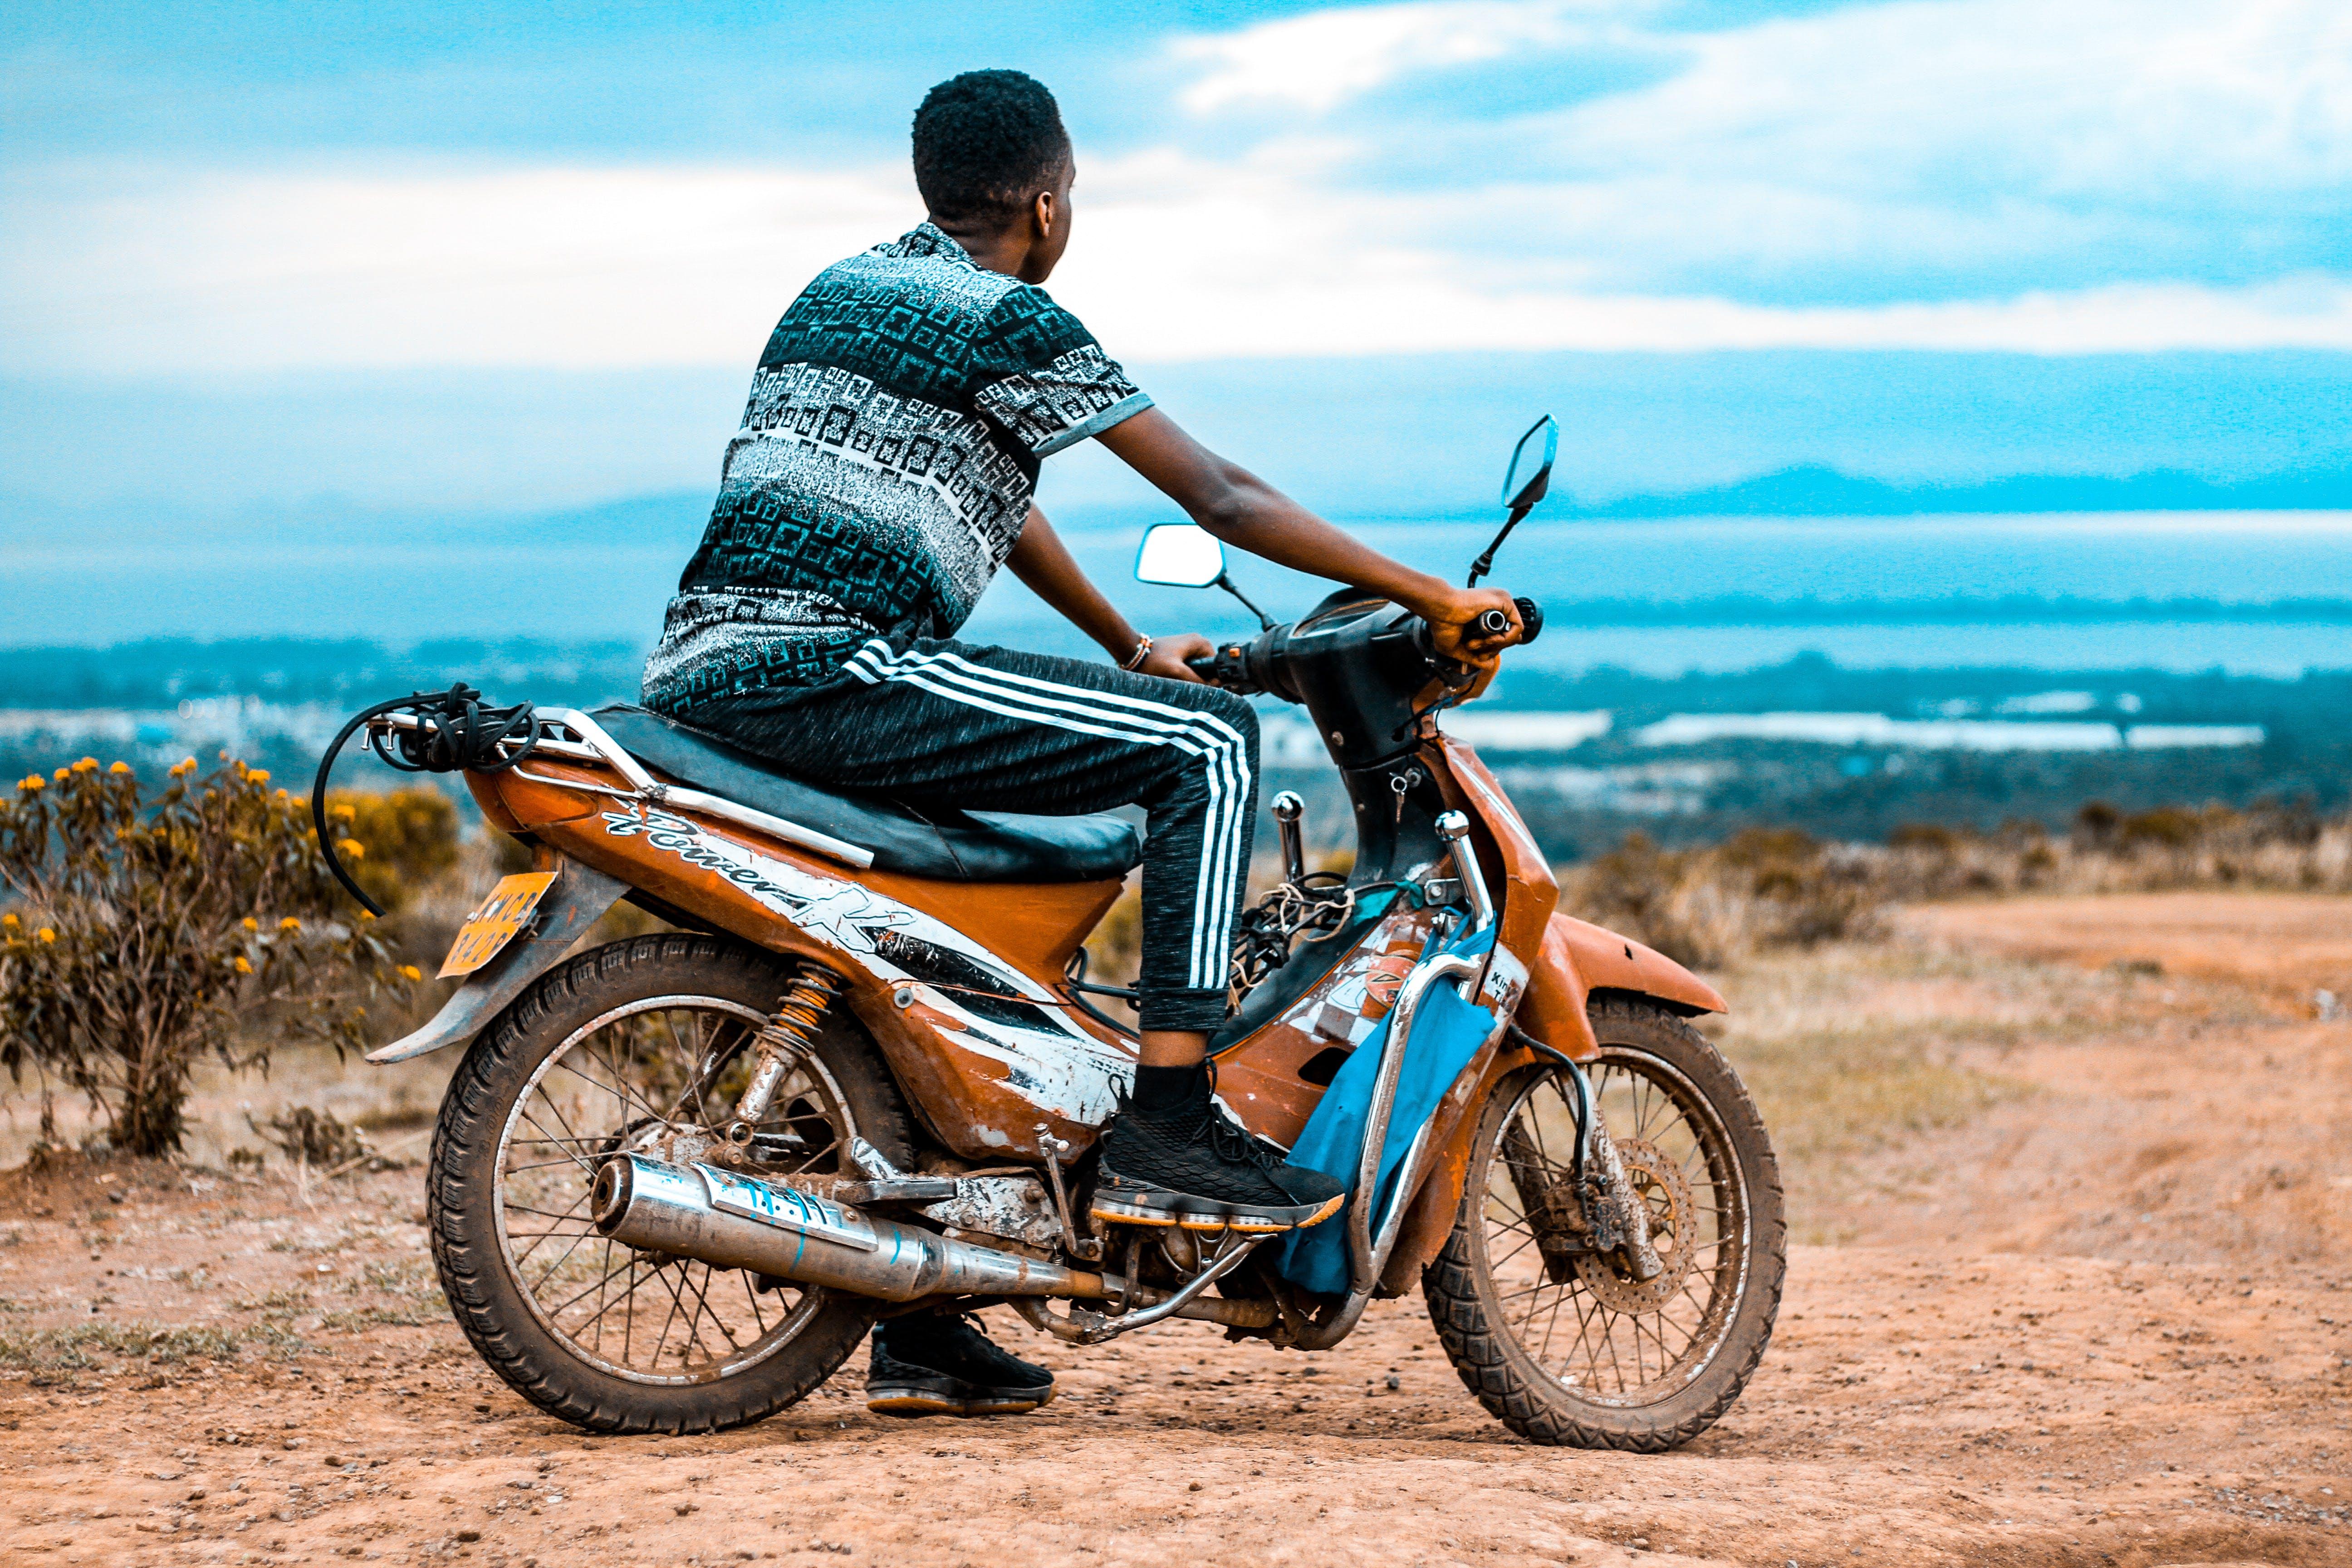 Fotos de stock gratuitas de carretera, equitación, hombre, moto